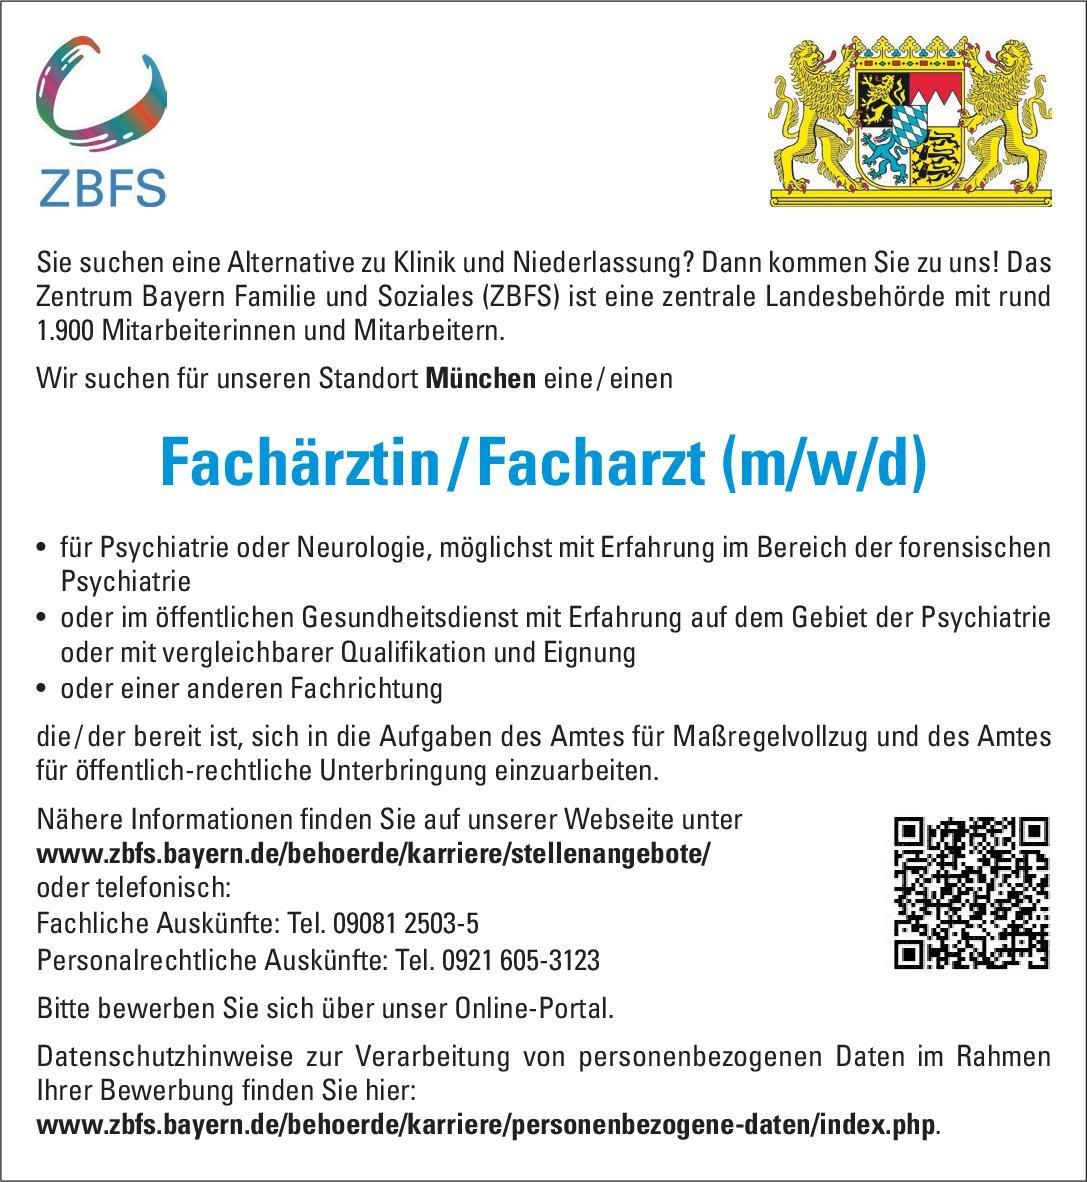 Zentrum Bayern Familie und Soziales (ZBFS) Fachärztin / Facharzt (m/w/d)  Forensische Psychiatrie, Neurologie, Öffentliches Gesundheitswesen Arzt / Facharzt